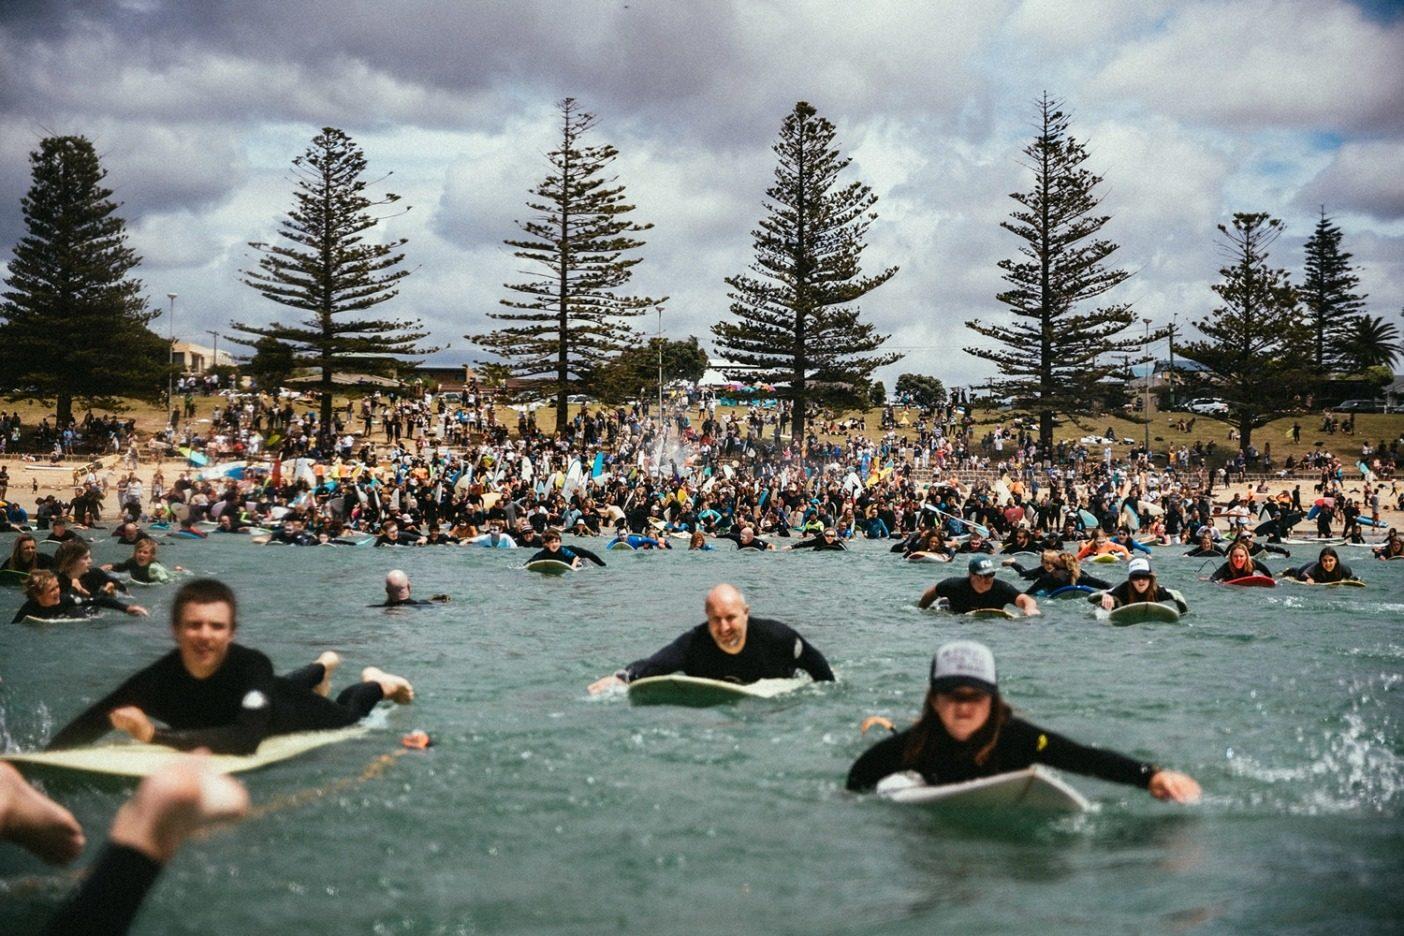 国民行動デーには、沿岸の60の町で2万人がパドルアウトし、エクイノール社が計画するバイトでの掘削に抗議した。オーストラリアで今までに行われた中で最大規模の海岸環境アクションとなった。Photo:JARRAH LYNCH